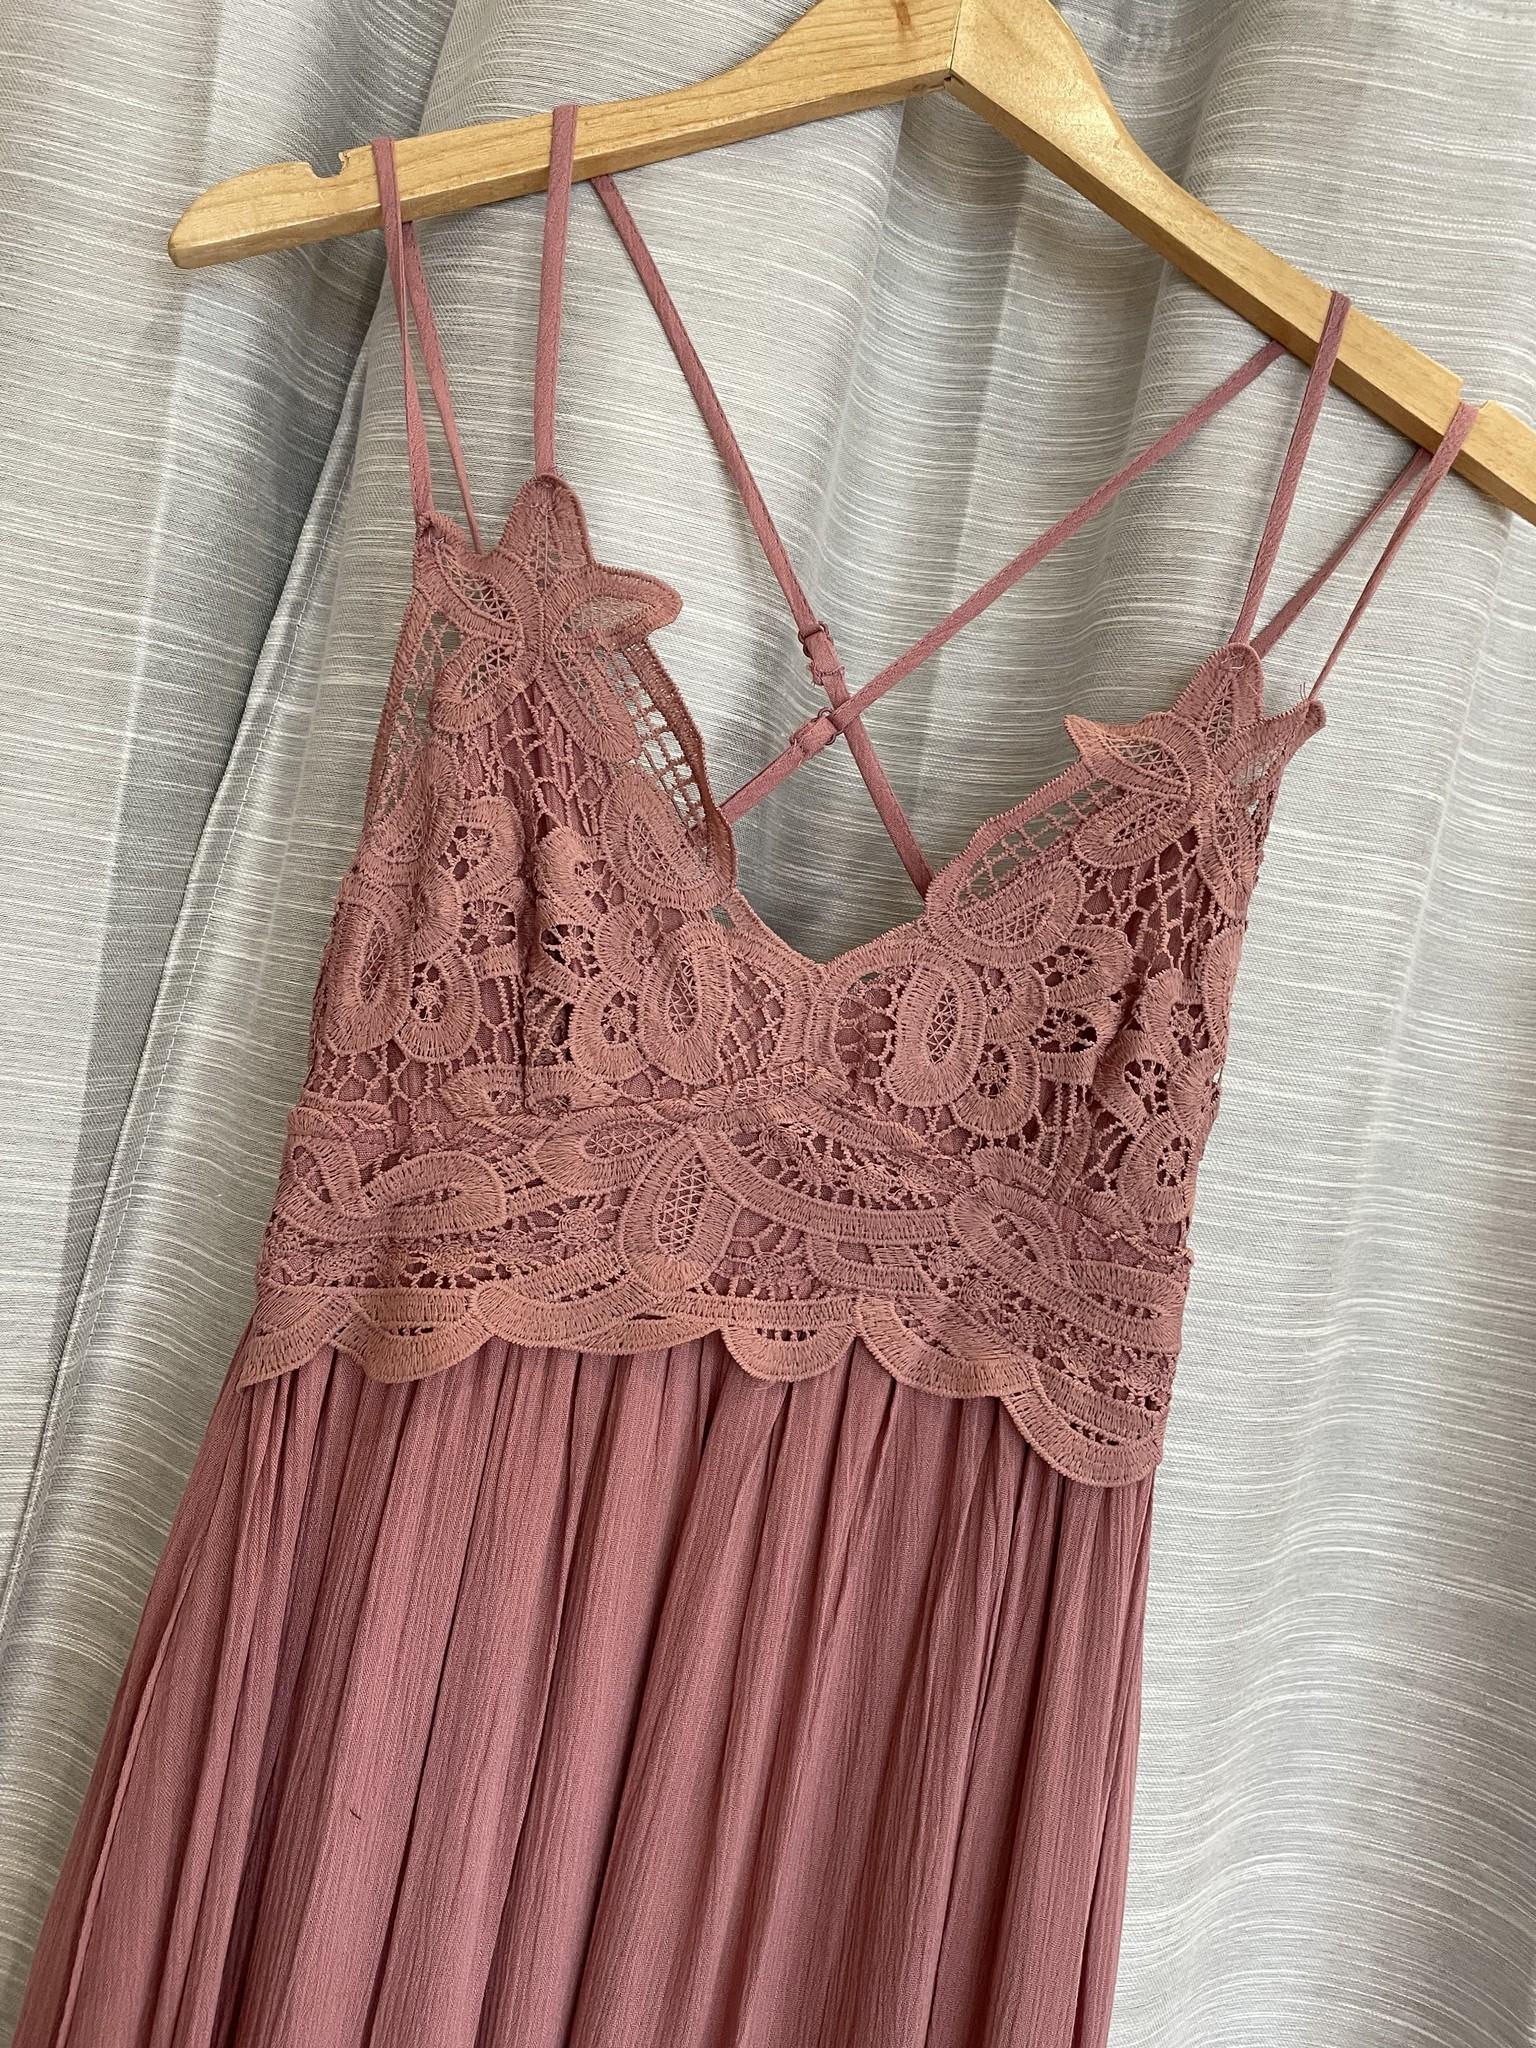 Crochet Lace Layered Maxi Dress